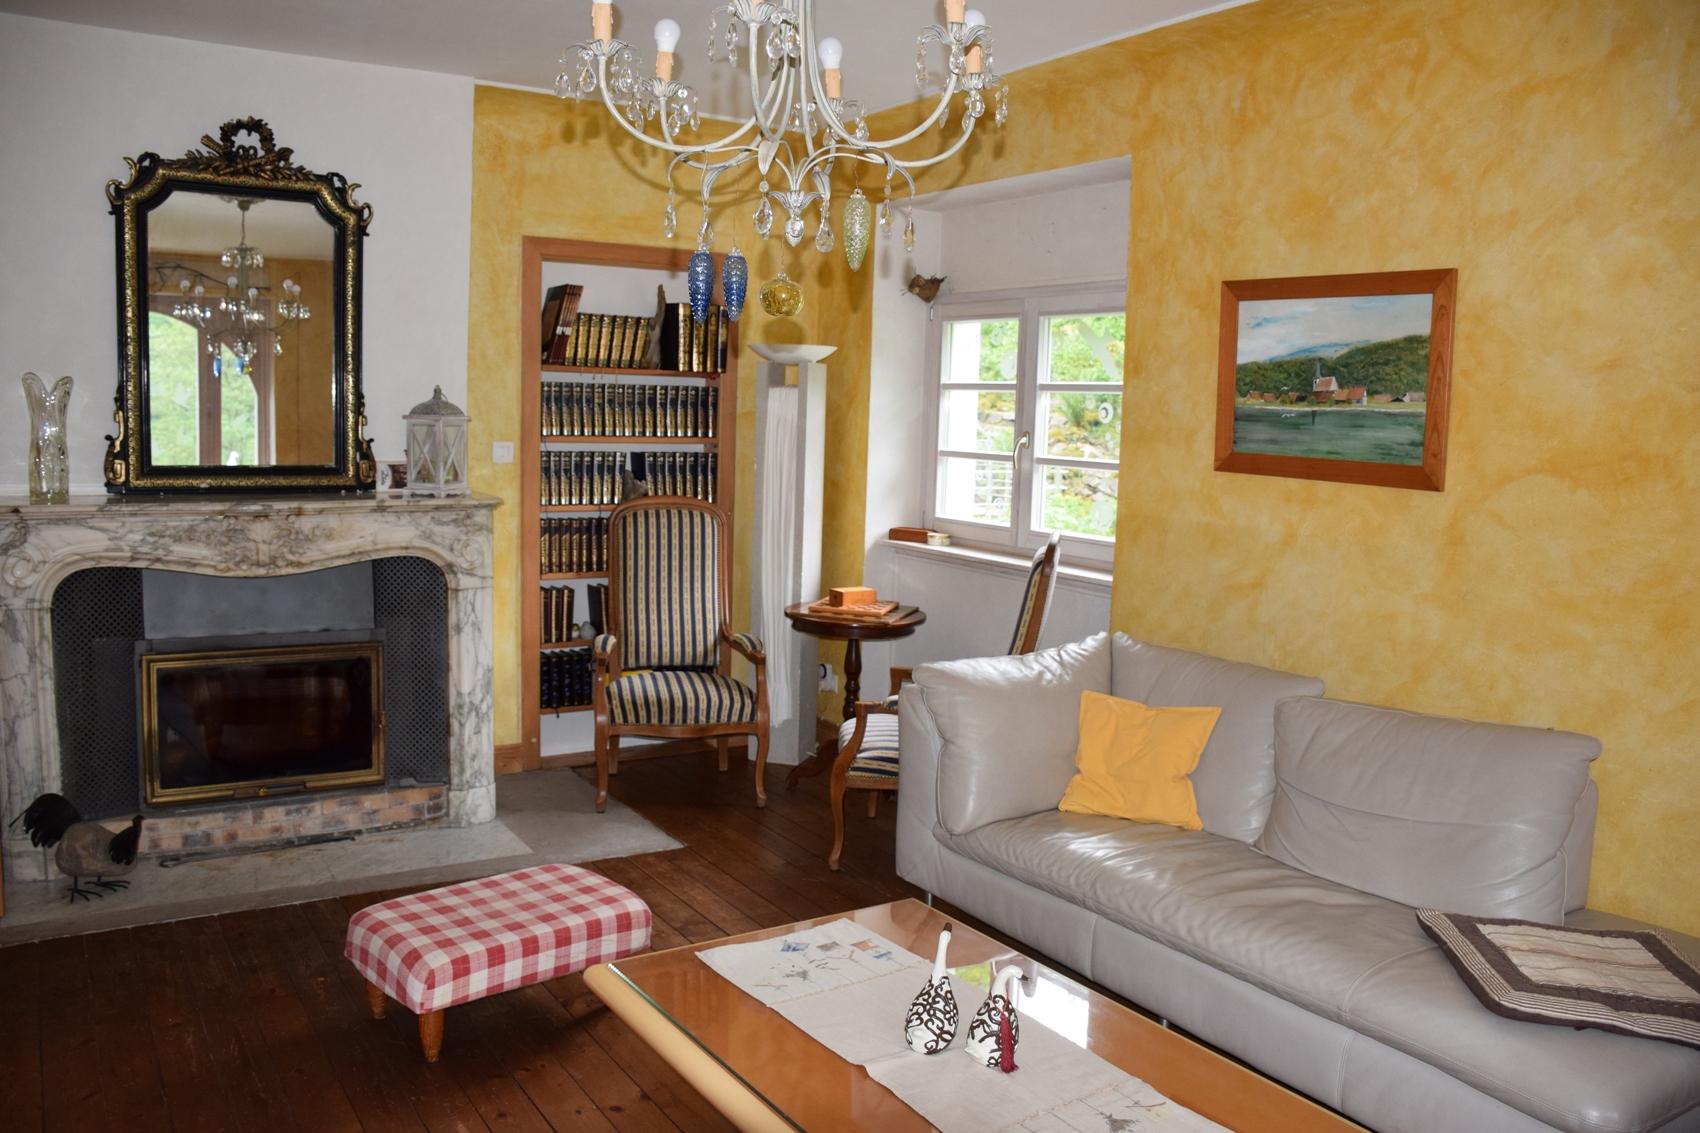 Chambres et tables d 39 h tes la villa du lac sewen - Chambre et tables d hotes ...